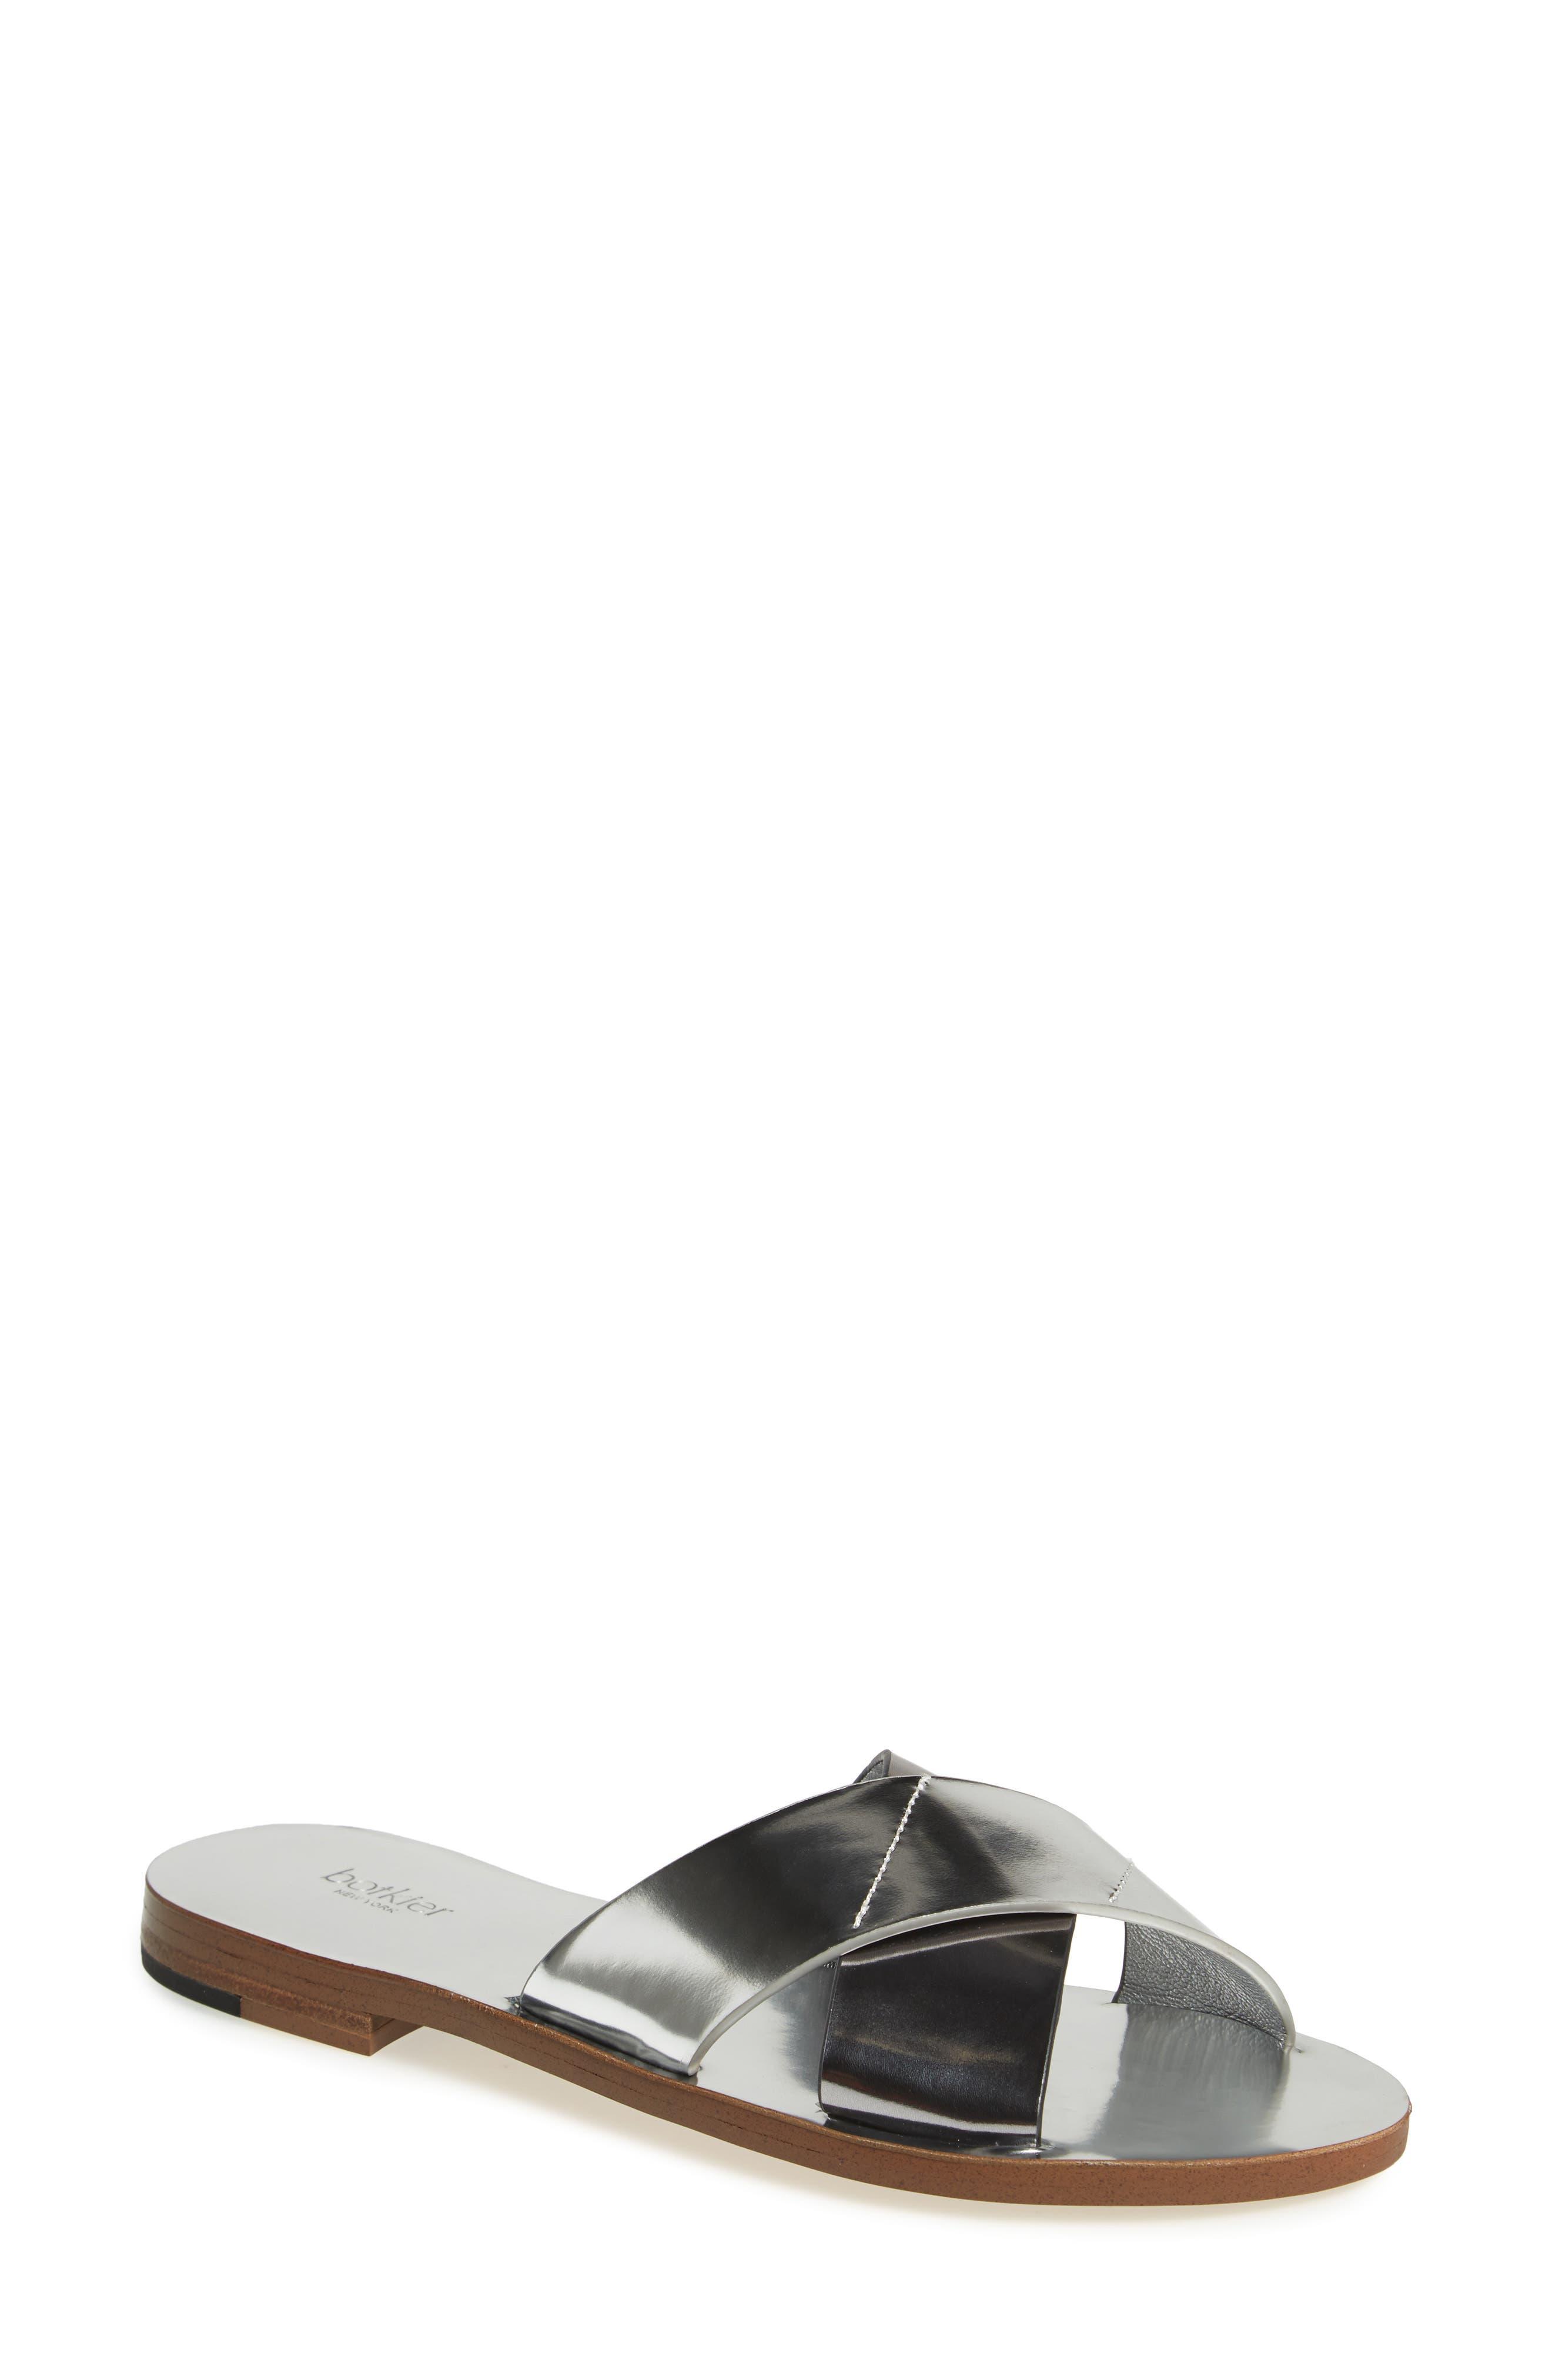 Ally Slide Sandal,                         Main,                         color, 040